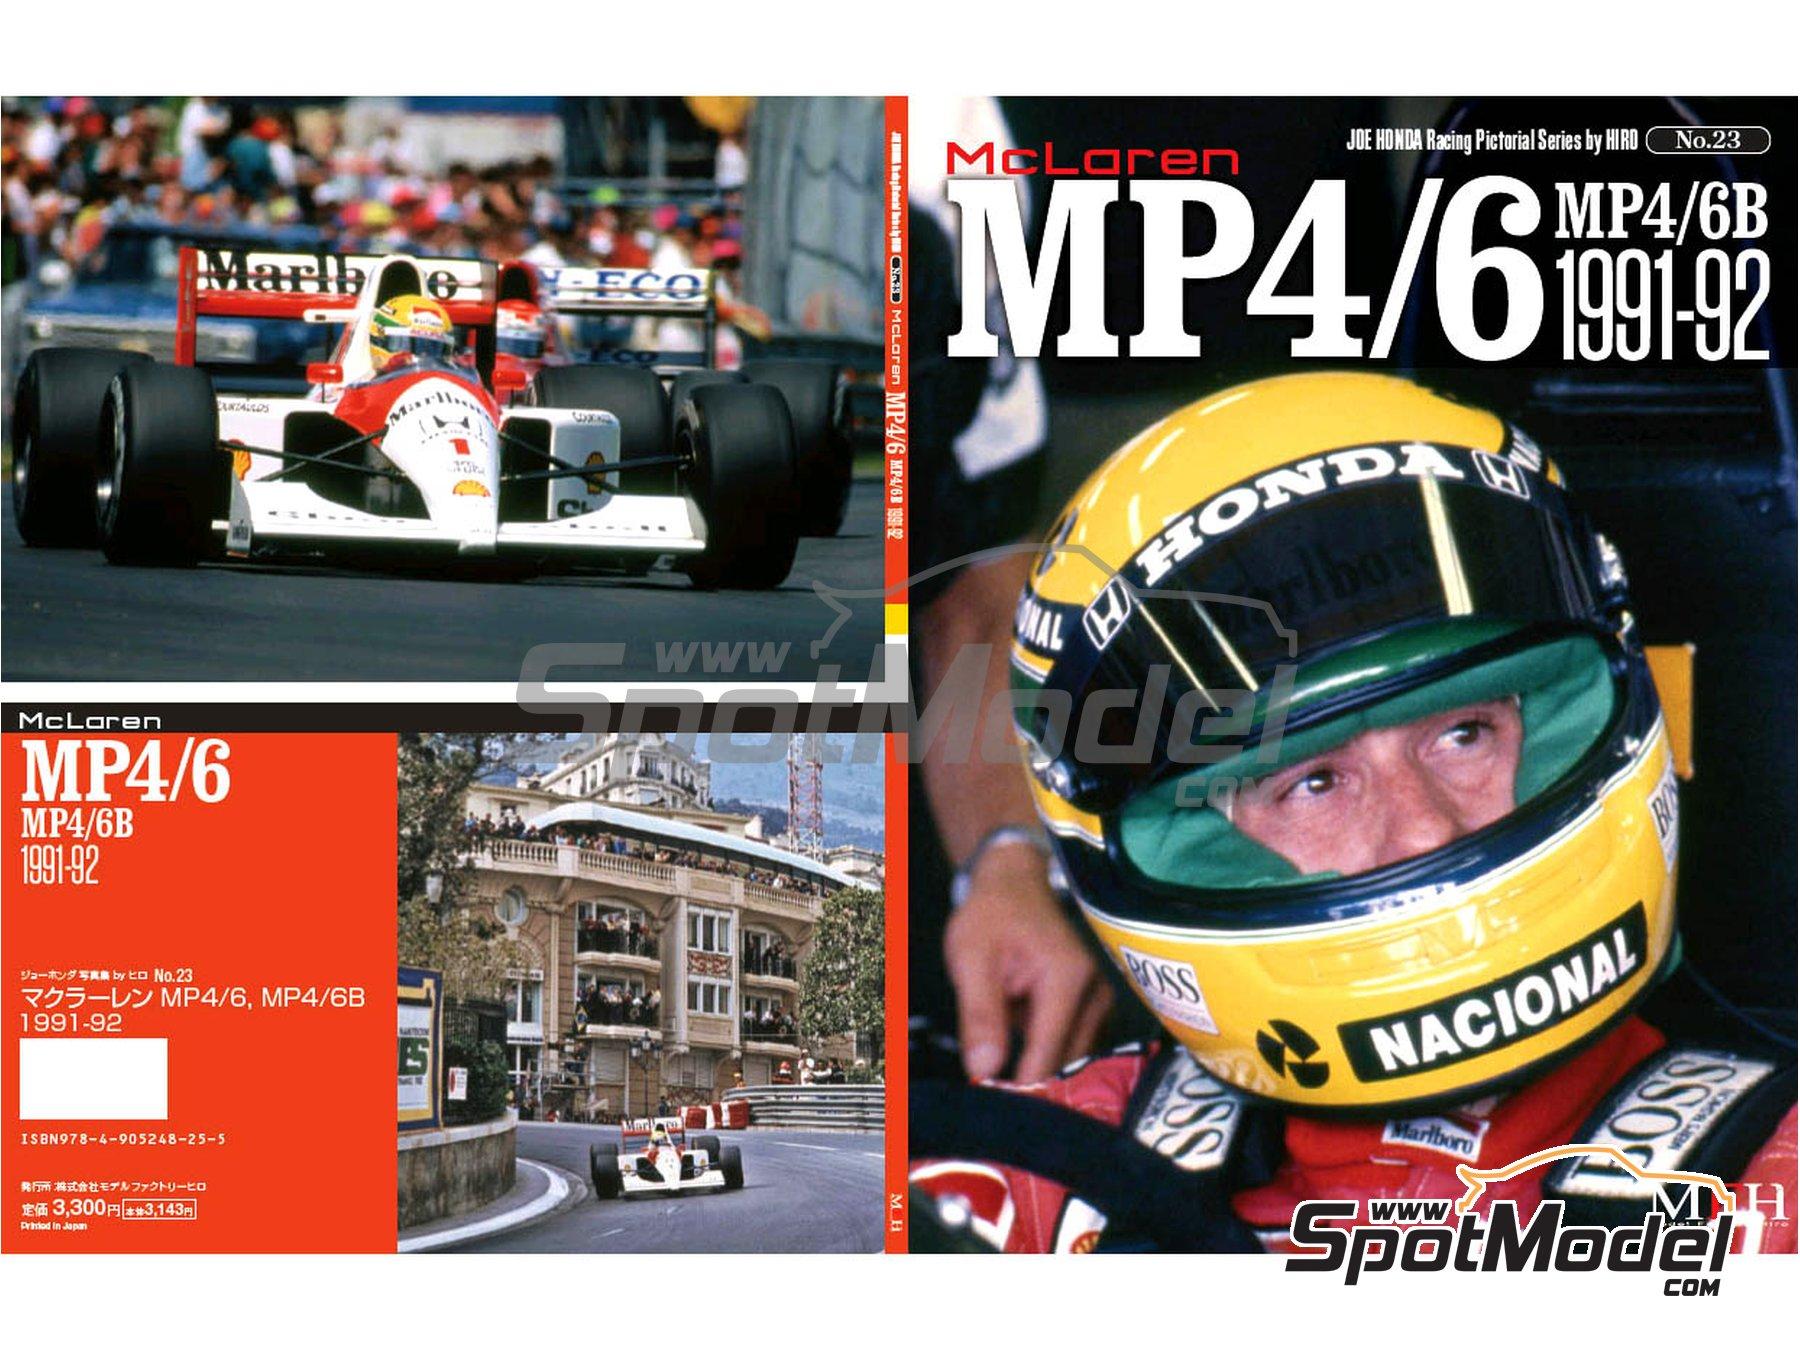 Image 1: JOE HONDA Racing Pictorial Series - Mc Laren MP4/6B - MP4/6 -  1991 y 1992 | Libro de referencia fabricado por Model Factory Hiro (ref.MFH-JH23)